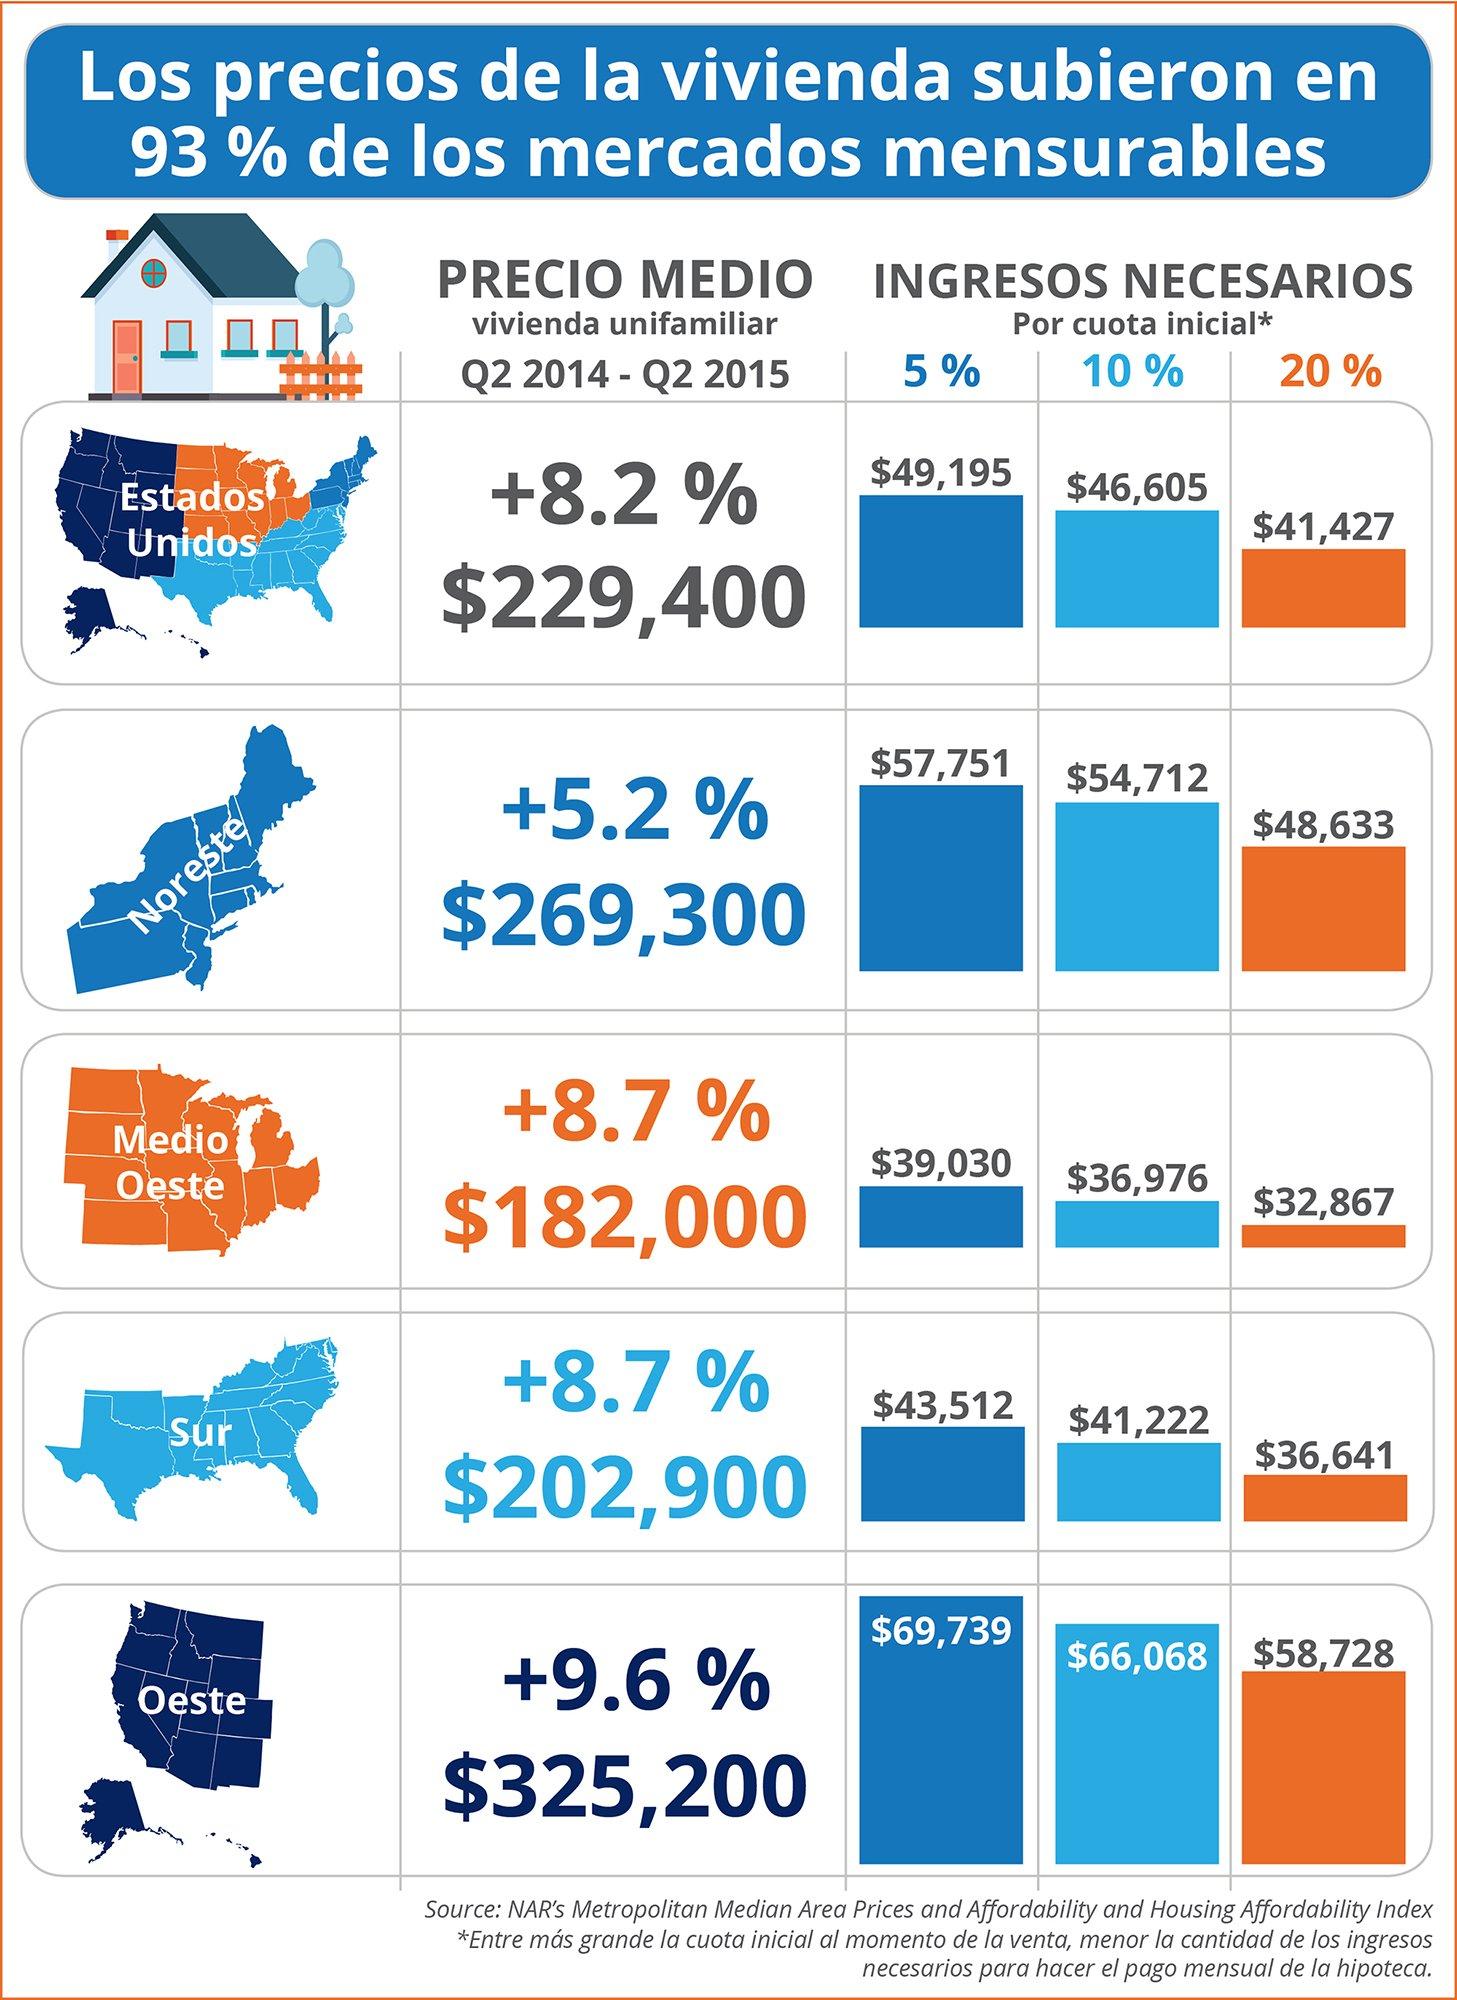 Los precios de la vivienda subieron en 93 % de los mercados mensurables [INFOGRAFíA]| Simplifying The Market